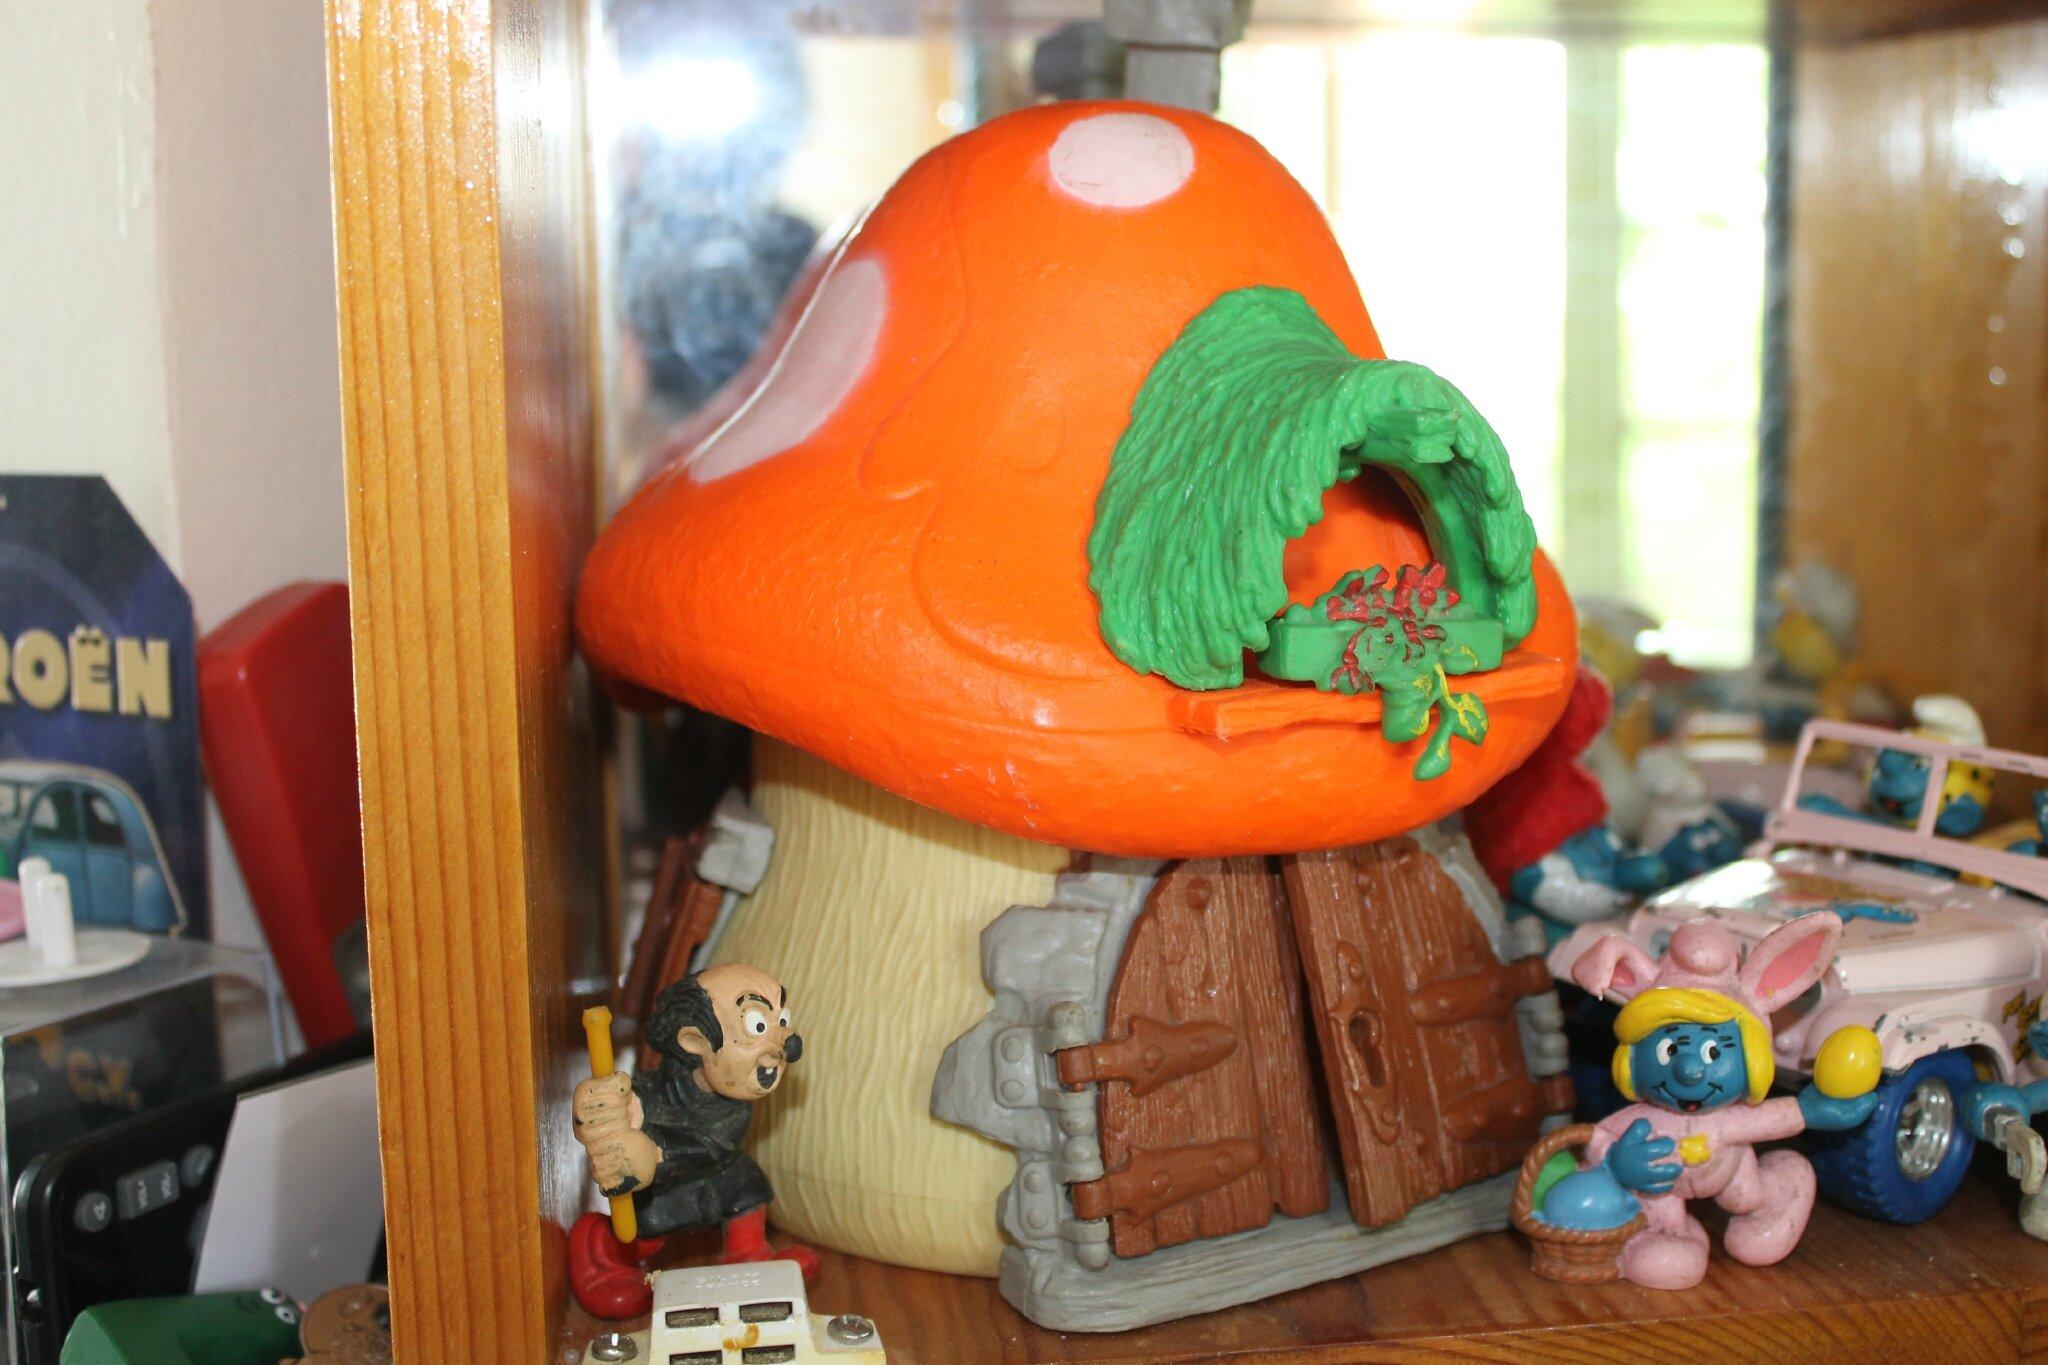 Maison gargamel et schtroumpfette lapine au pays de - Schtroumpf maison ...